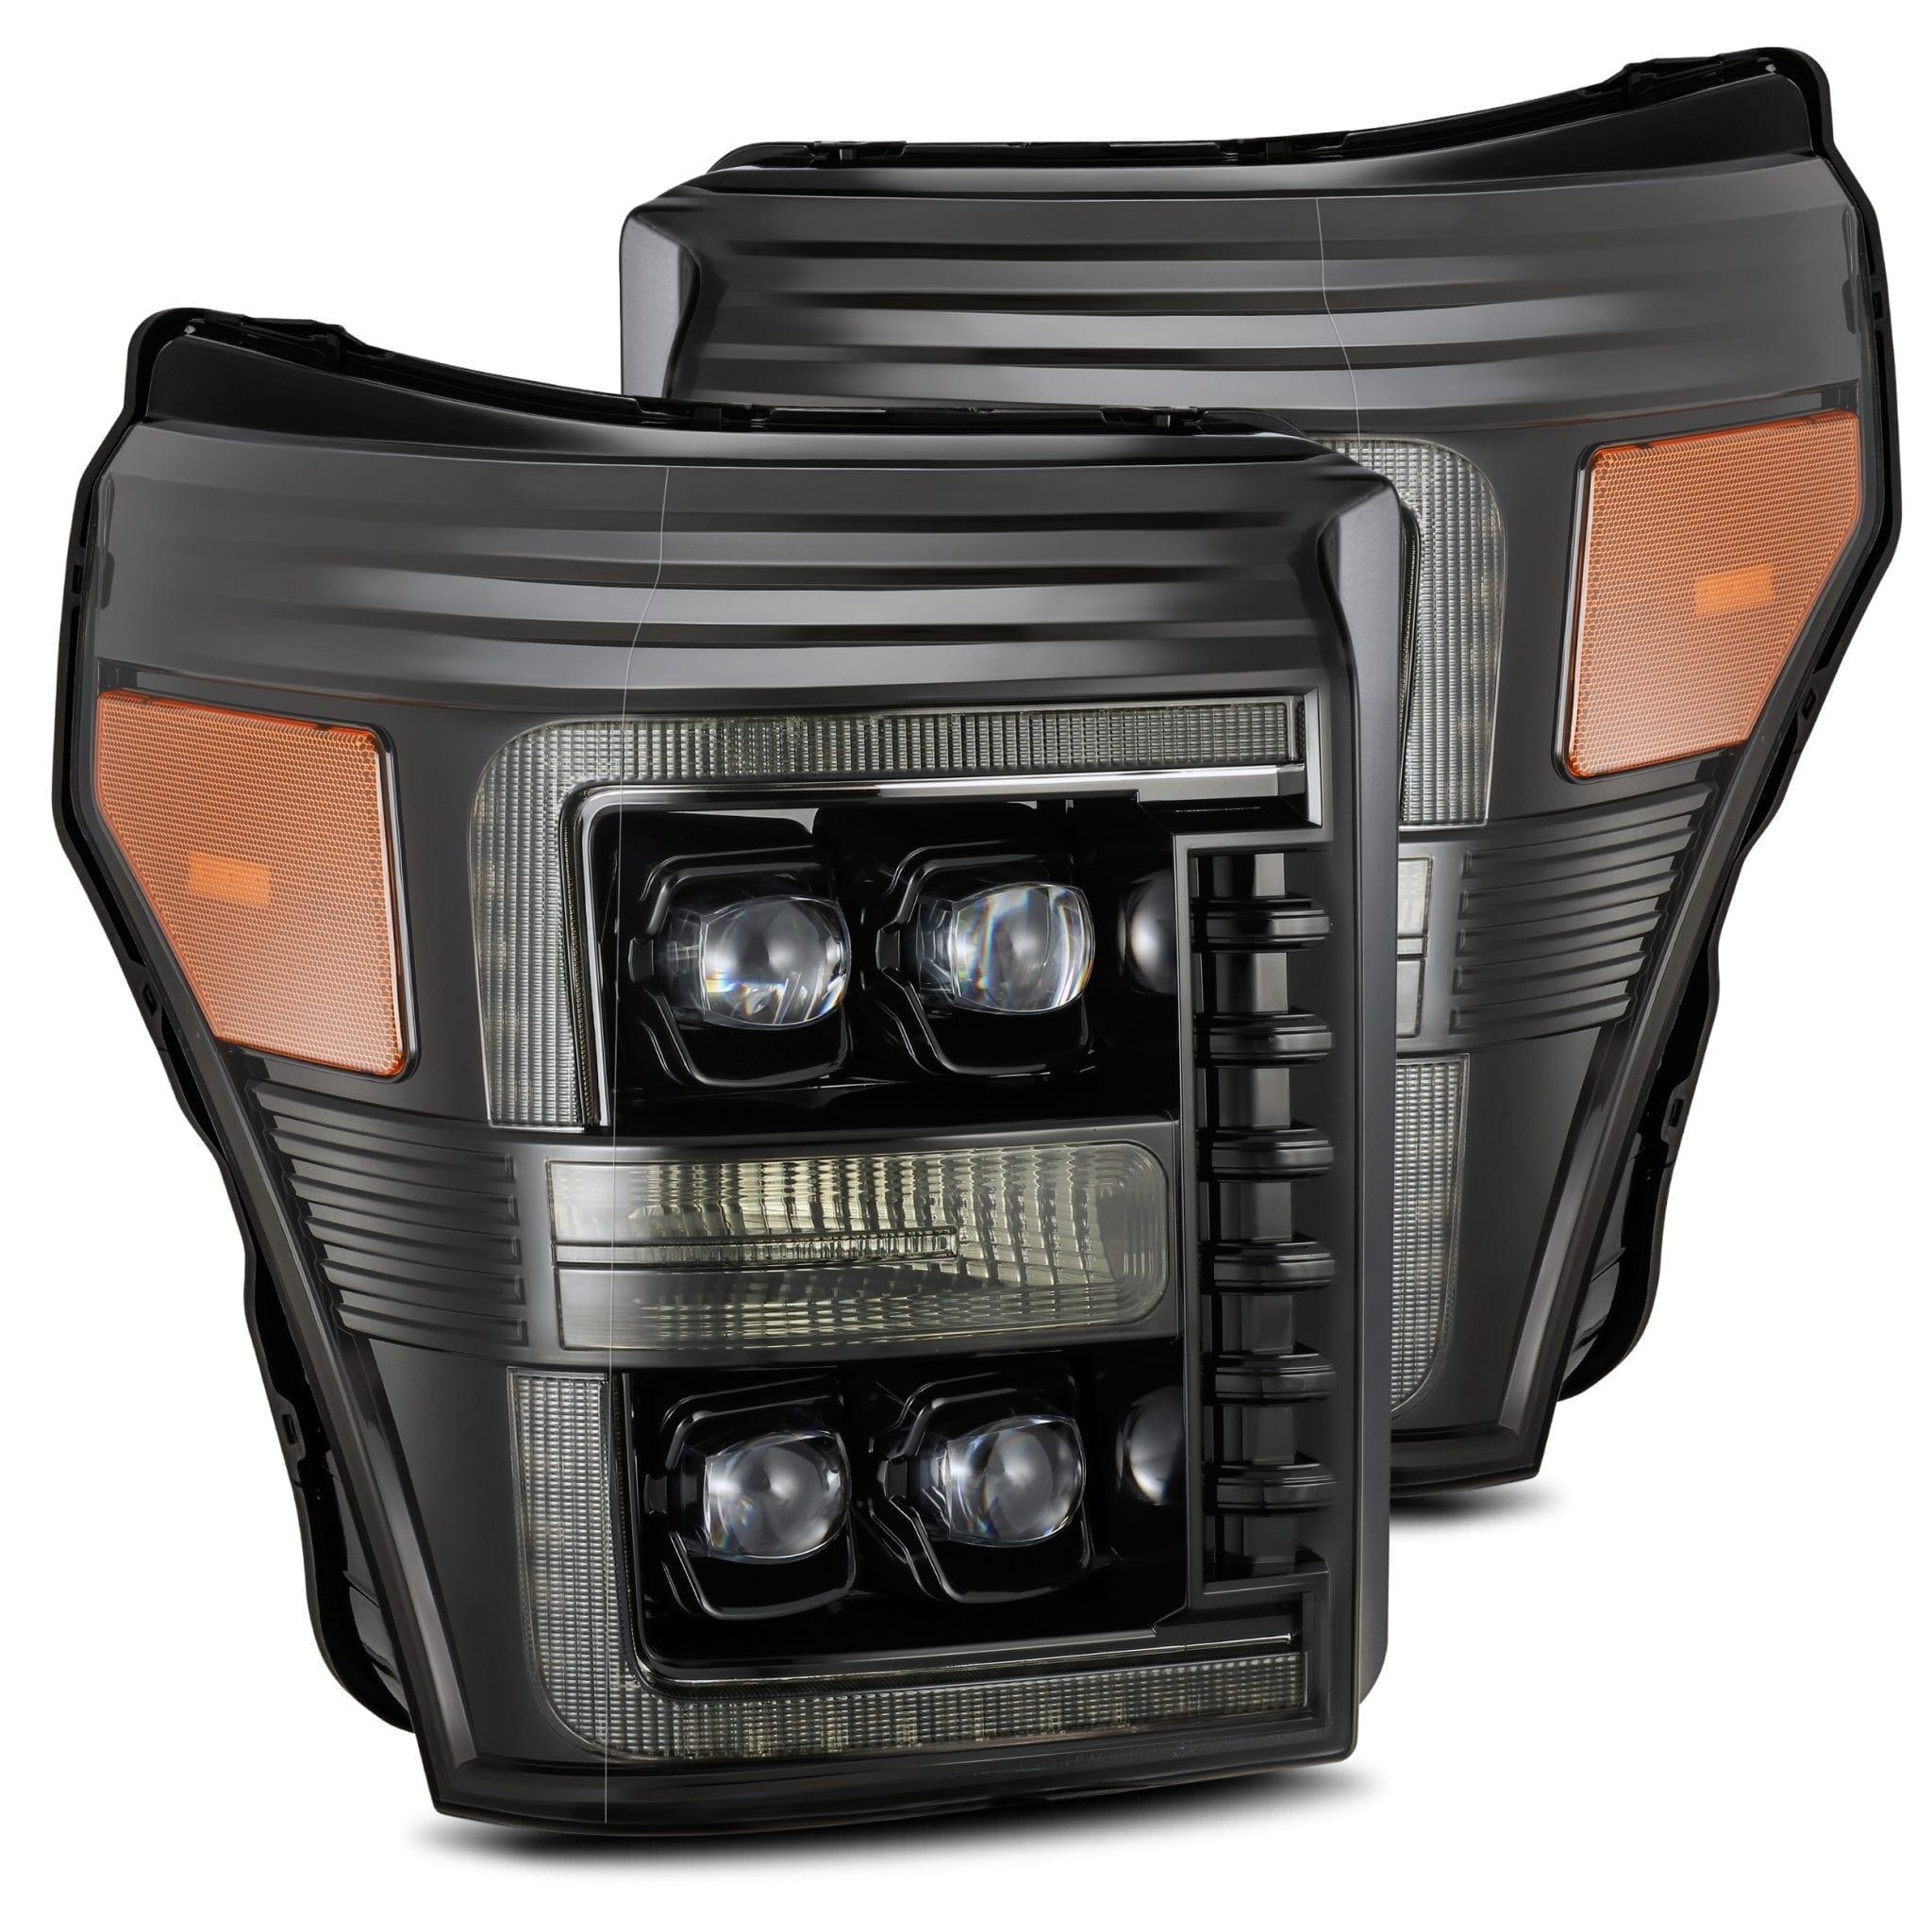 2011 2012 2013 2014 2015 2016 Ford F250 F350 F450 F550 Super Duty NOVA-Series Full LED Projector Headlights Alpha-Black